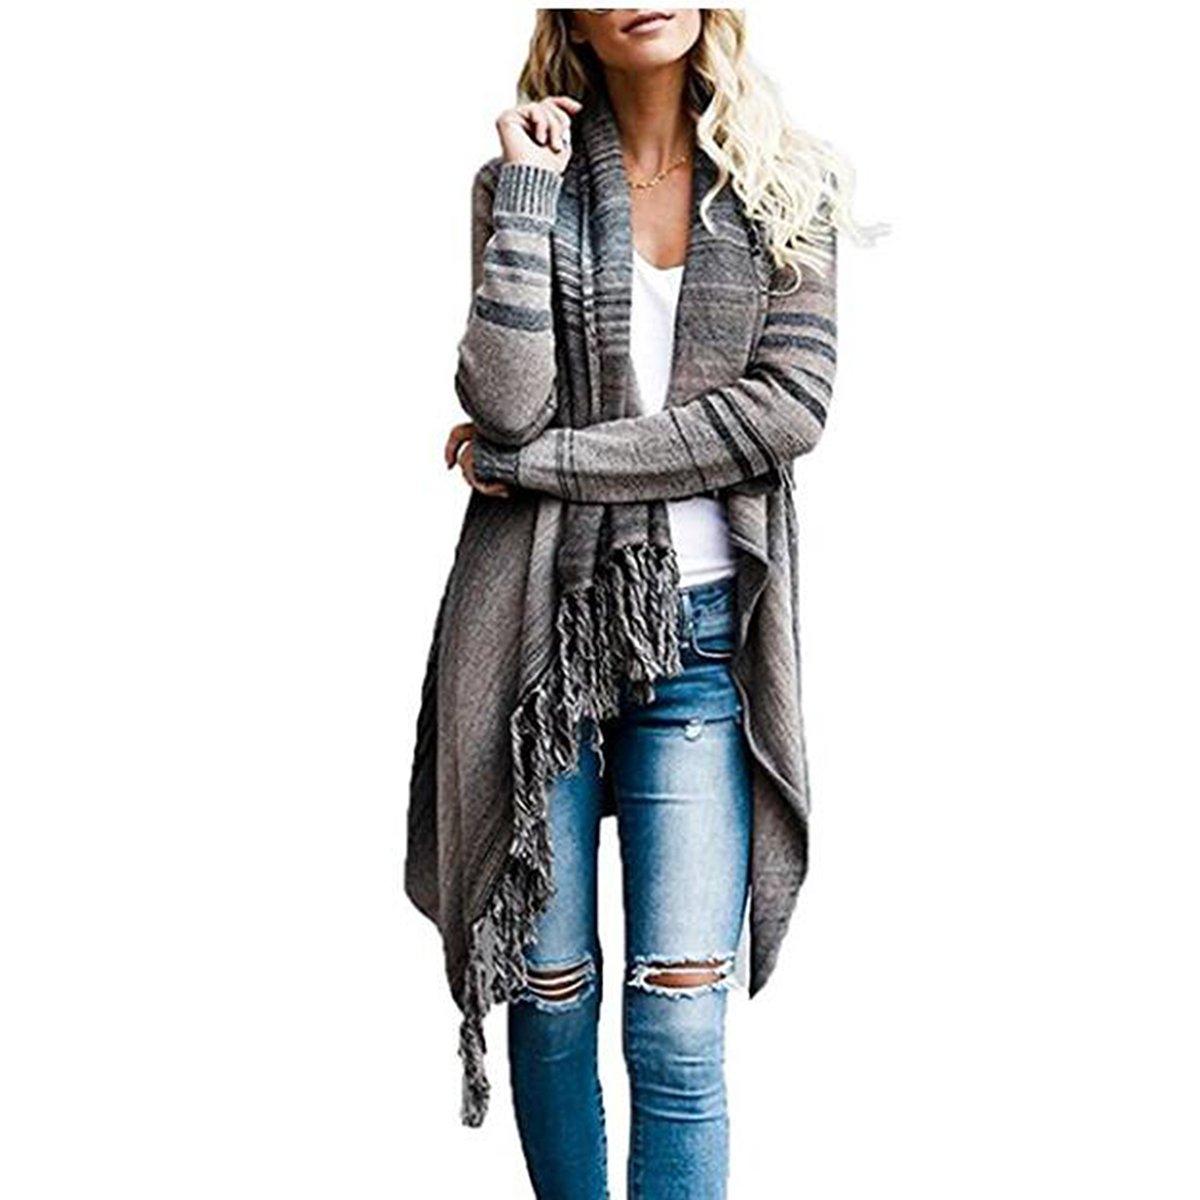 QQI Donne Irregolare Manica Lunga Nappa Slash Camicetta Supera Camicia Cardigan Casual Pullover Tops JL0542